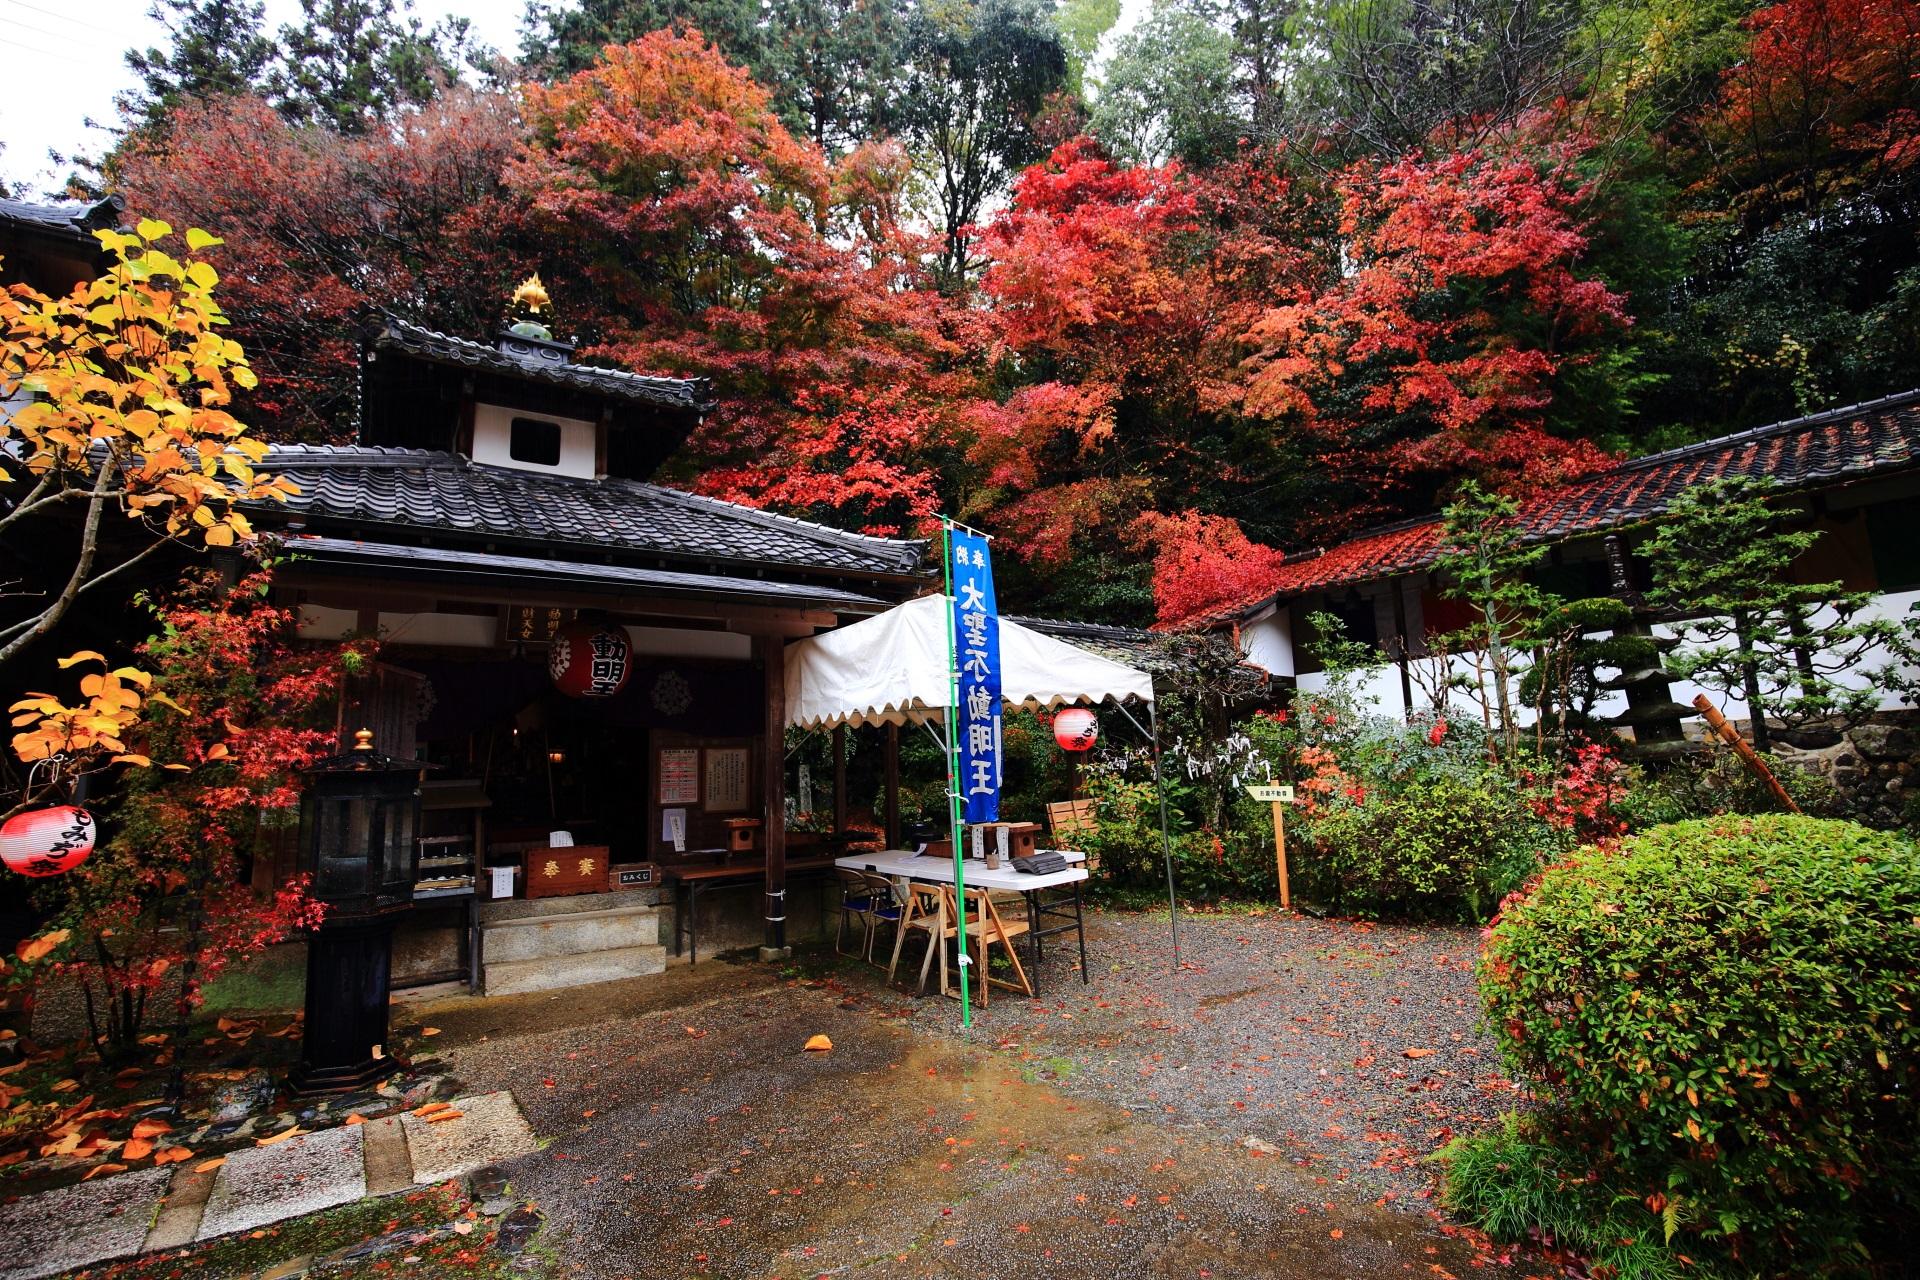 双林院(山科聖天)の素晴らしい紅葉や散りもみじと秋の情景に感謝